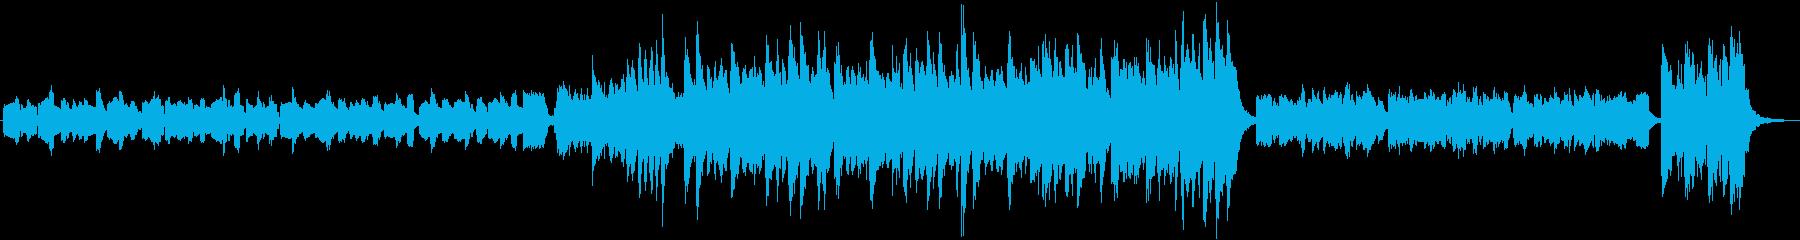 レトロで可愛いメリーゴーランド風ワルツの再生済みの波形